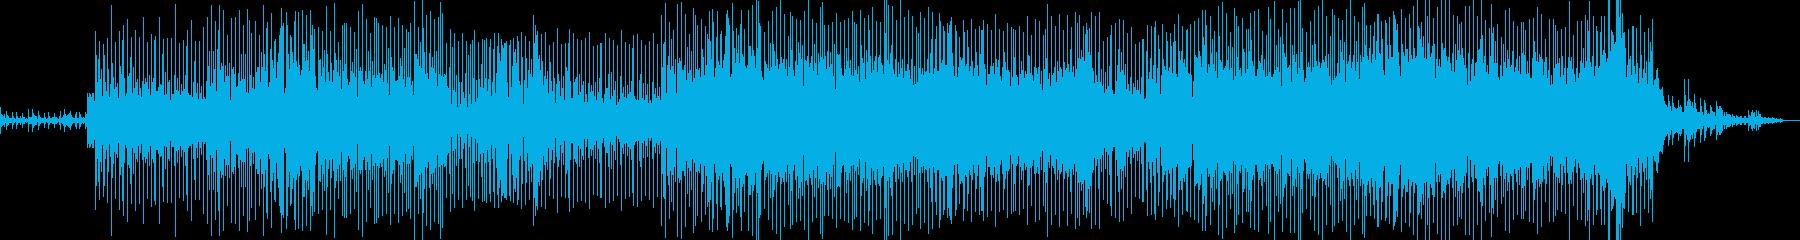 地下鉄で生まれた地中海の音の再生済みの波形